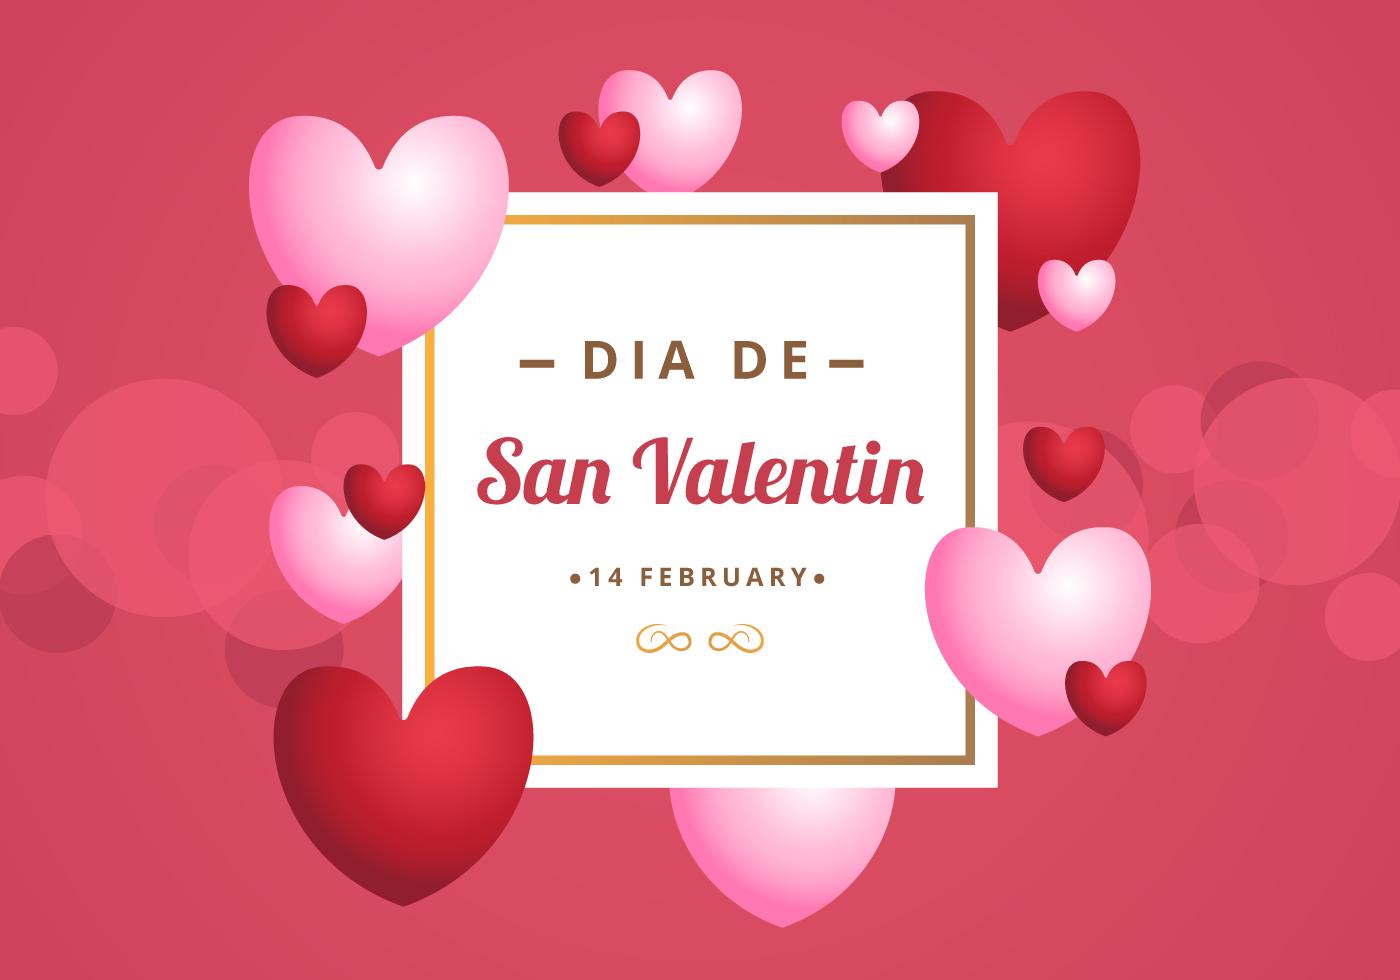 san valentin - photo #15